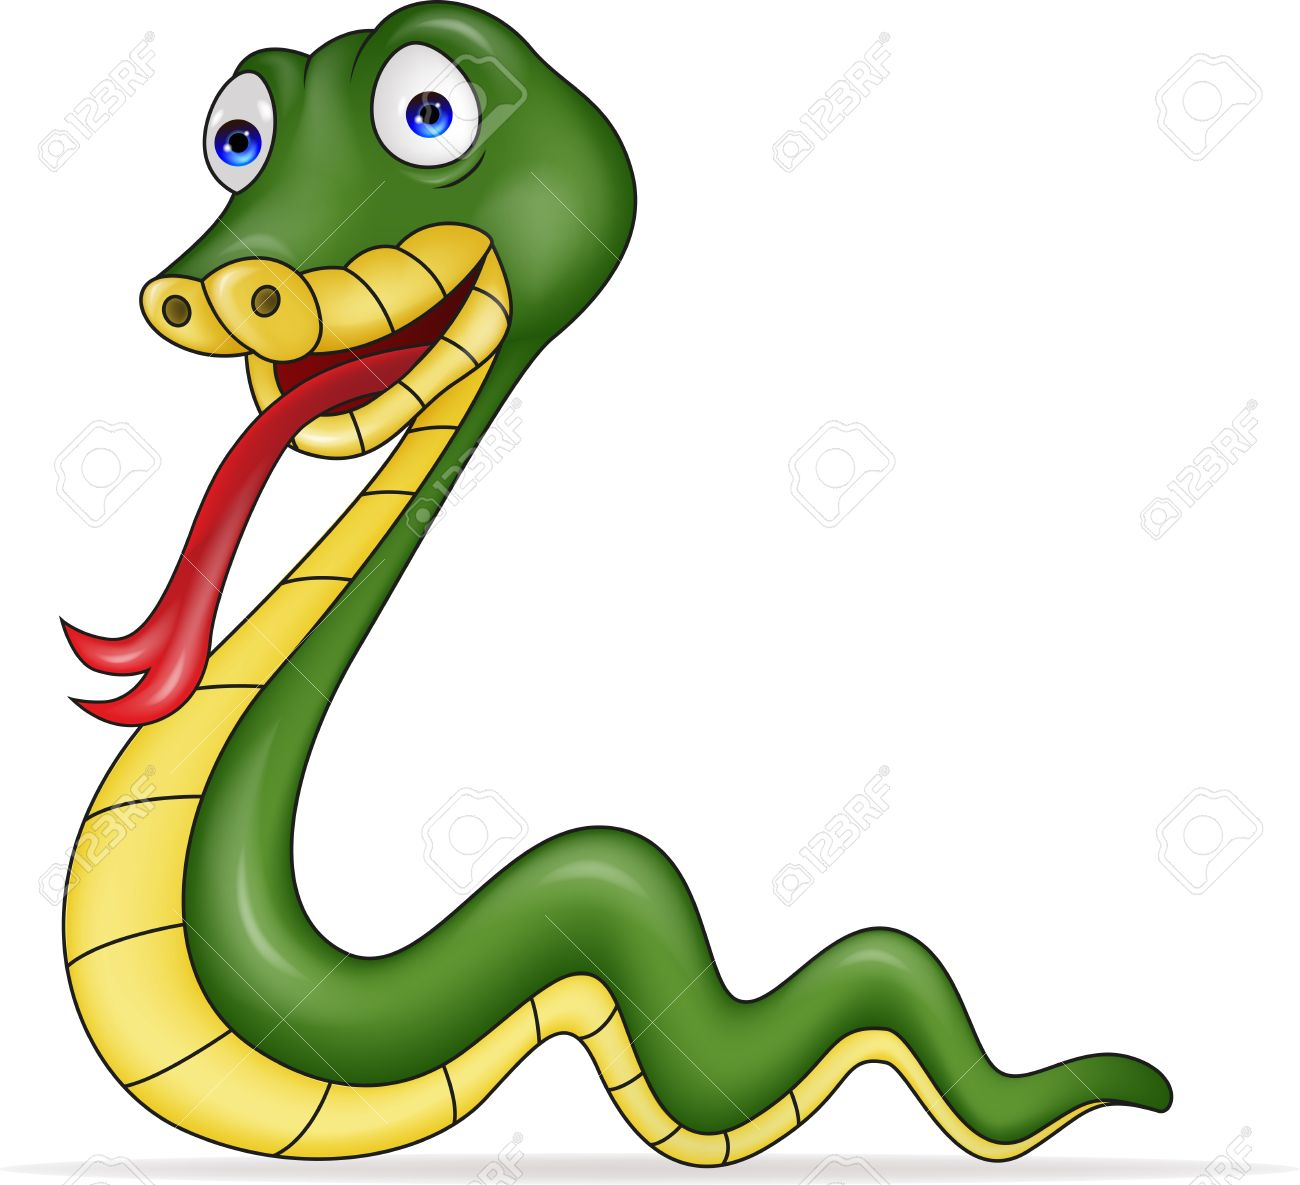 ilustración de dibujos animados serpiente ilustraciones vectoriales